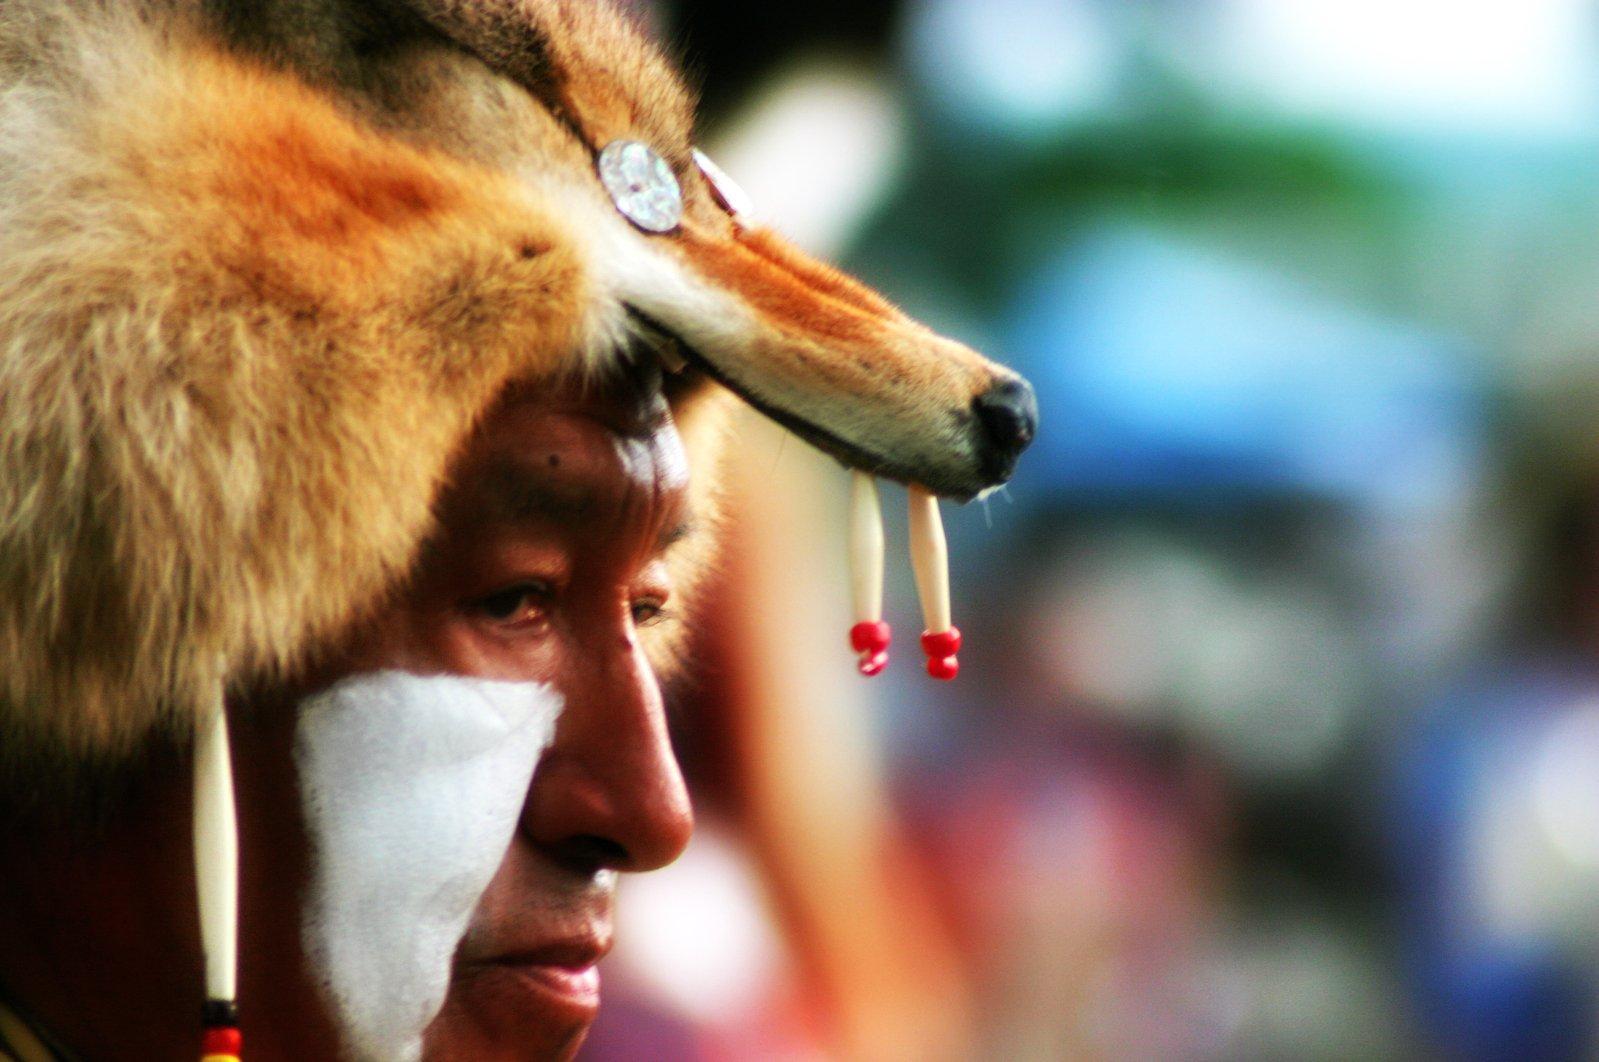 Powwow dancer